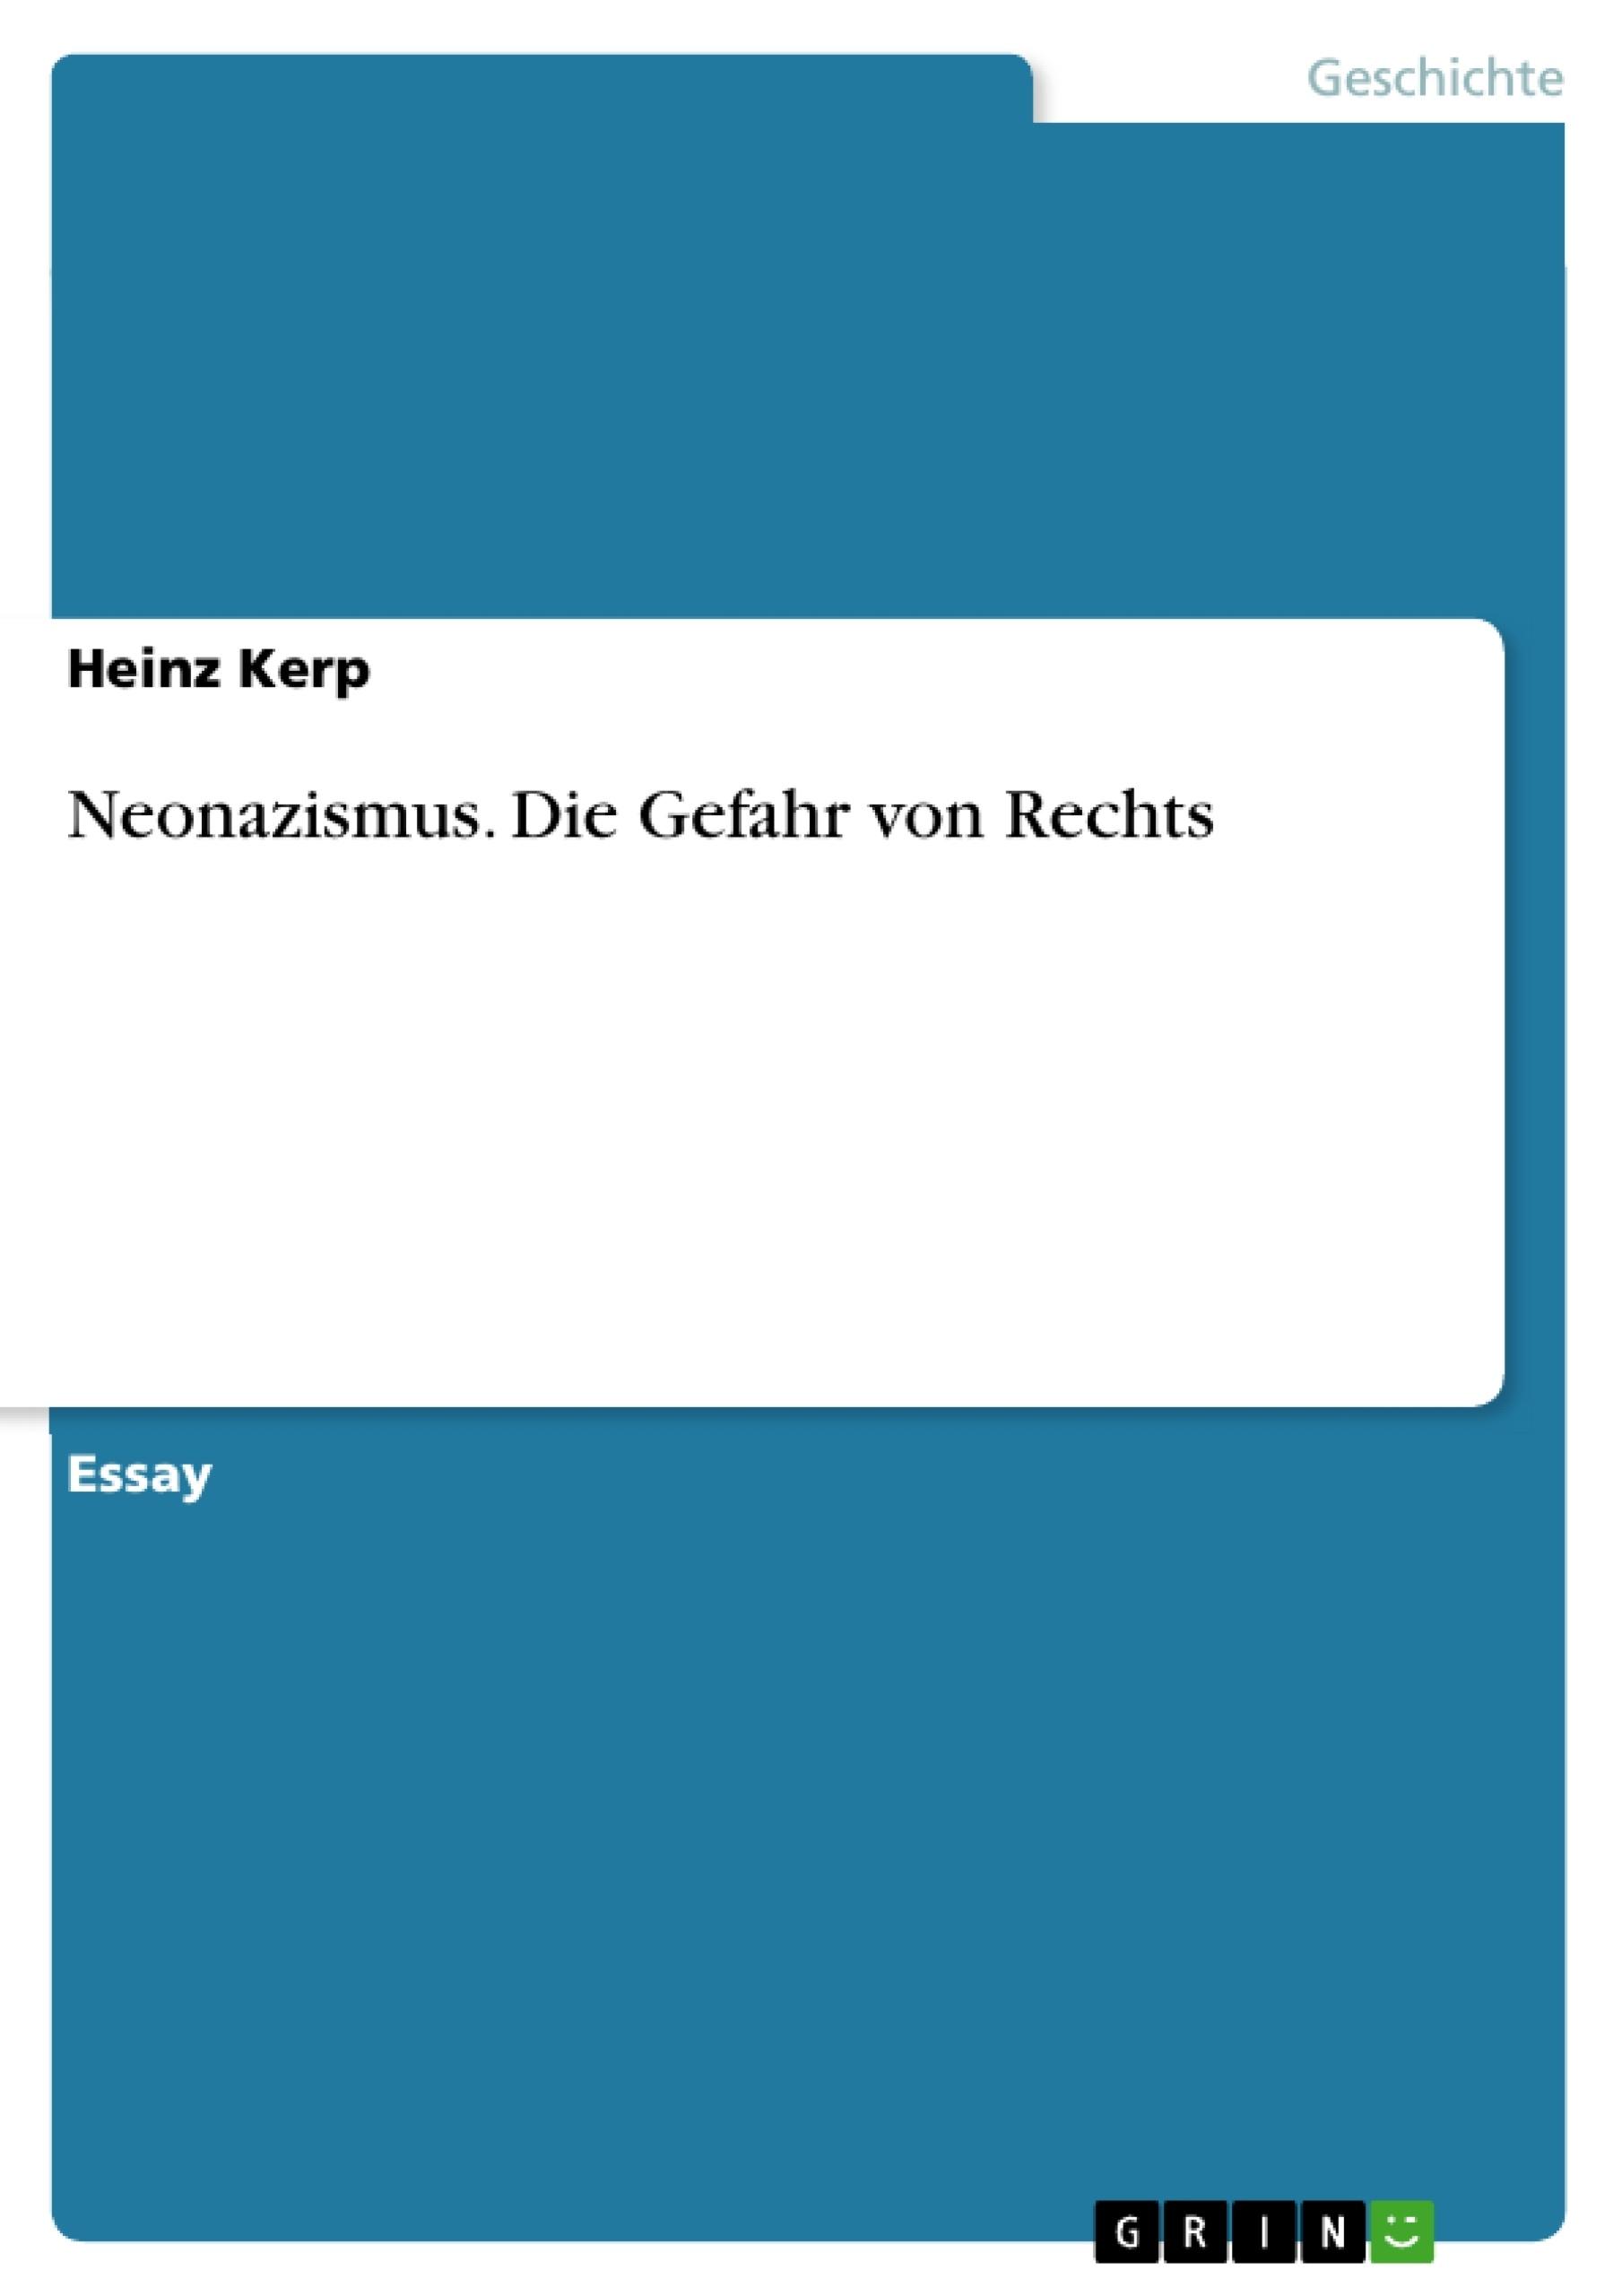 Titel: Neonazismus. Die Gefahr von Rechts